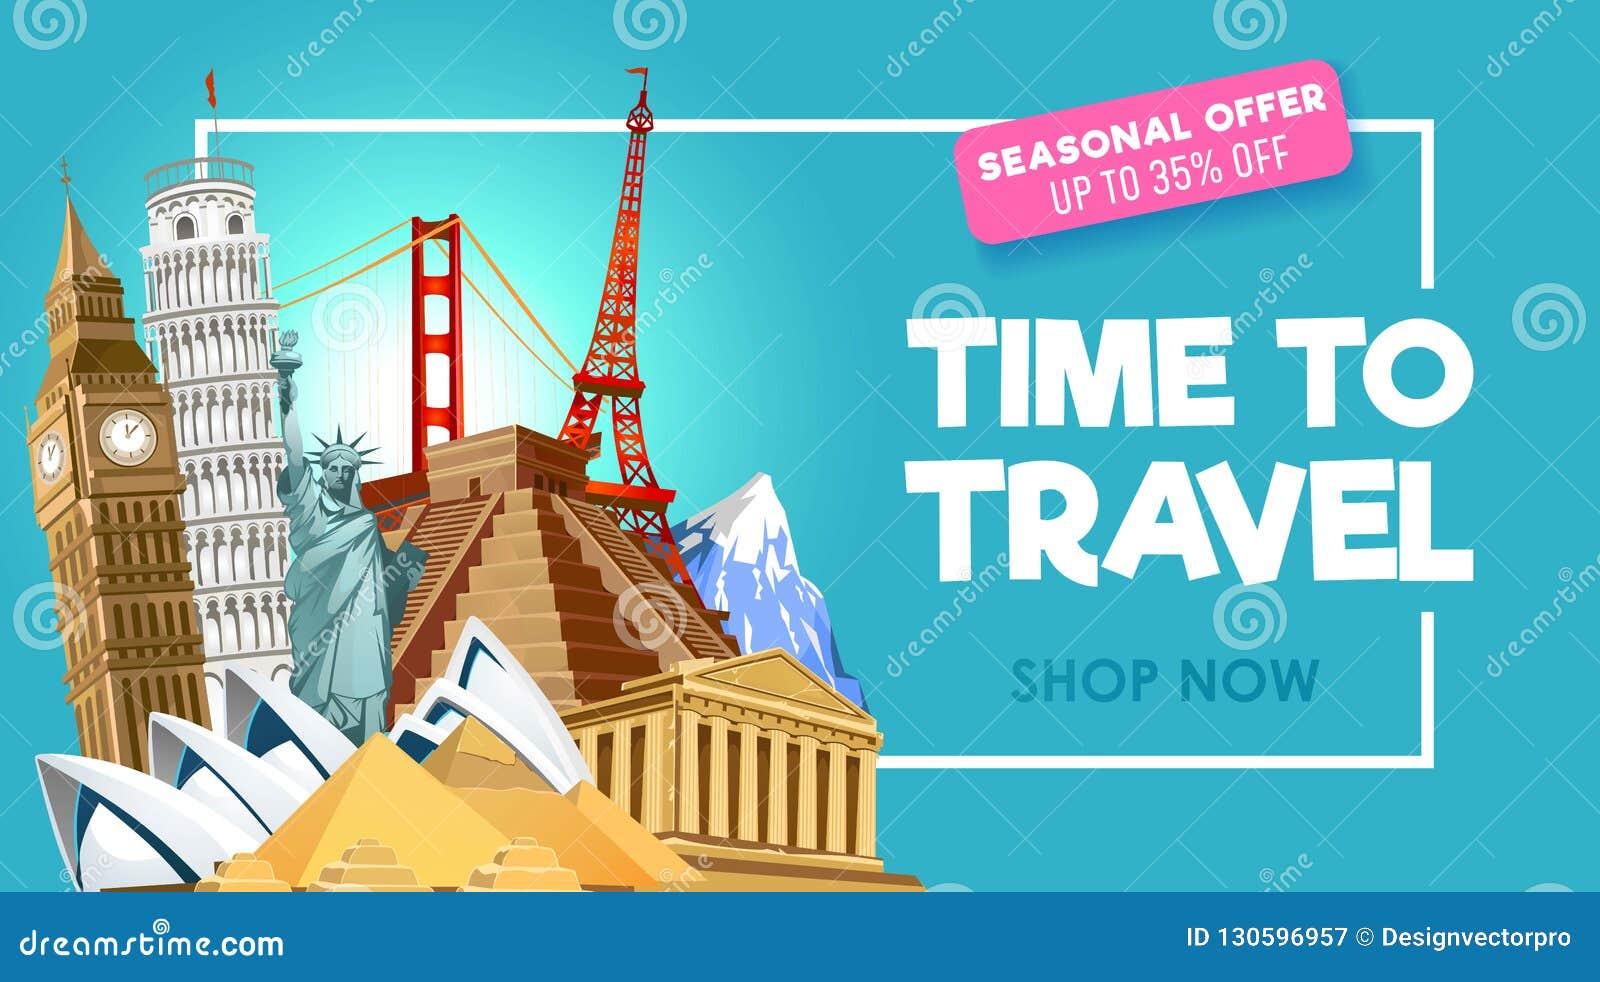 Travel Promo Banner Design For Travel Agency  Vector